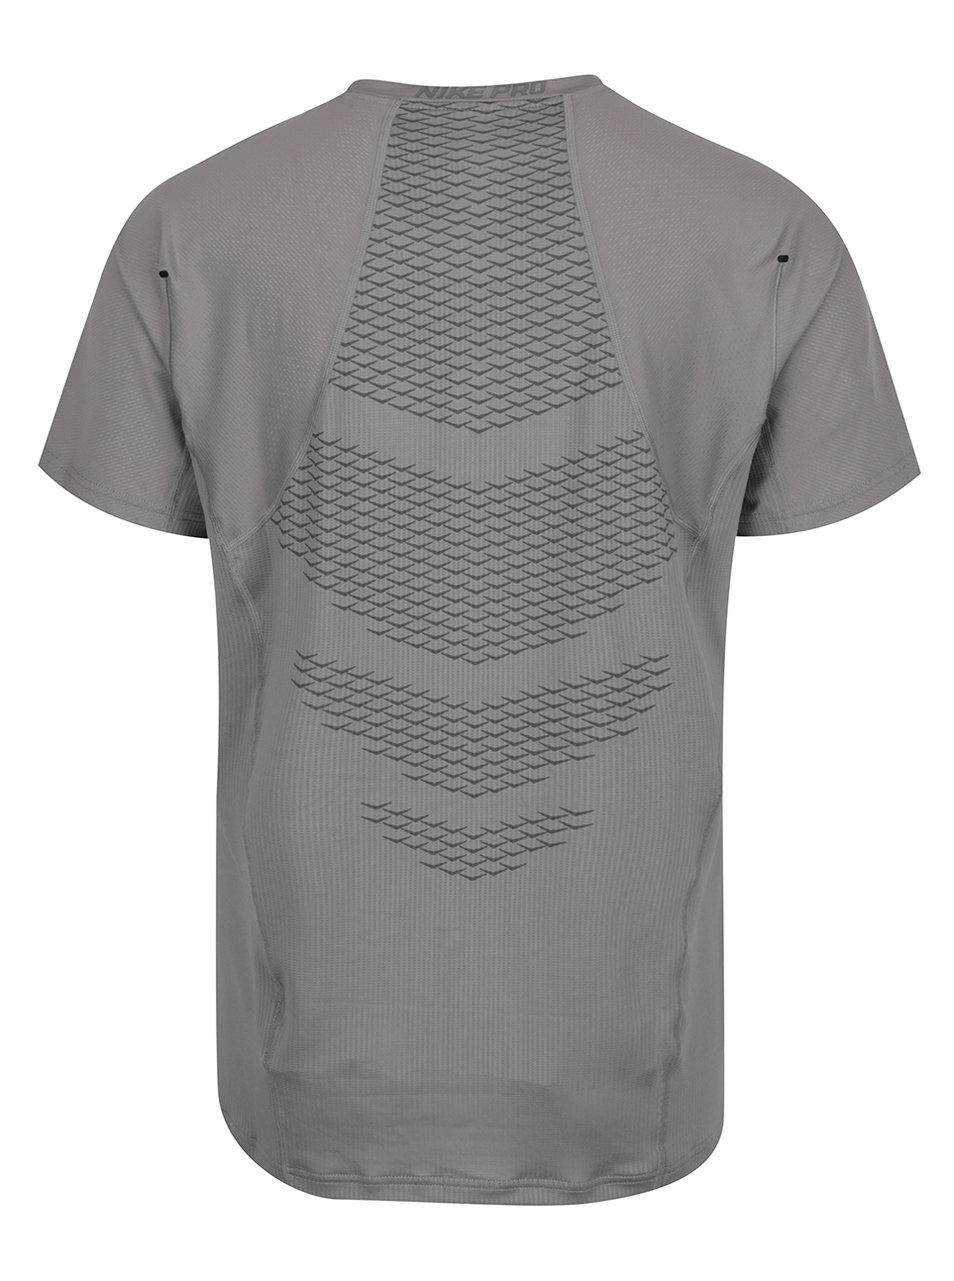 4fbd1be42708 Sivé pánske funkčné tričko s krátkym rukávom Nike ...